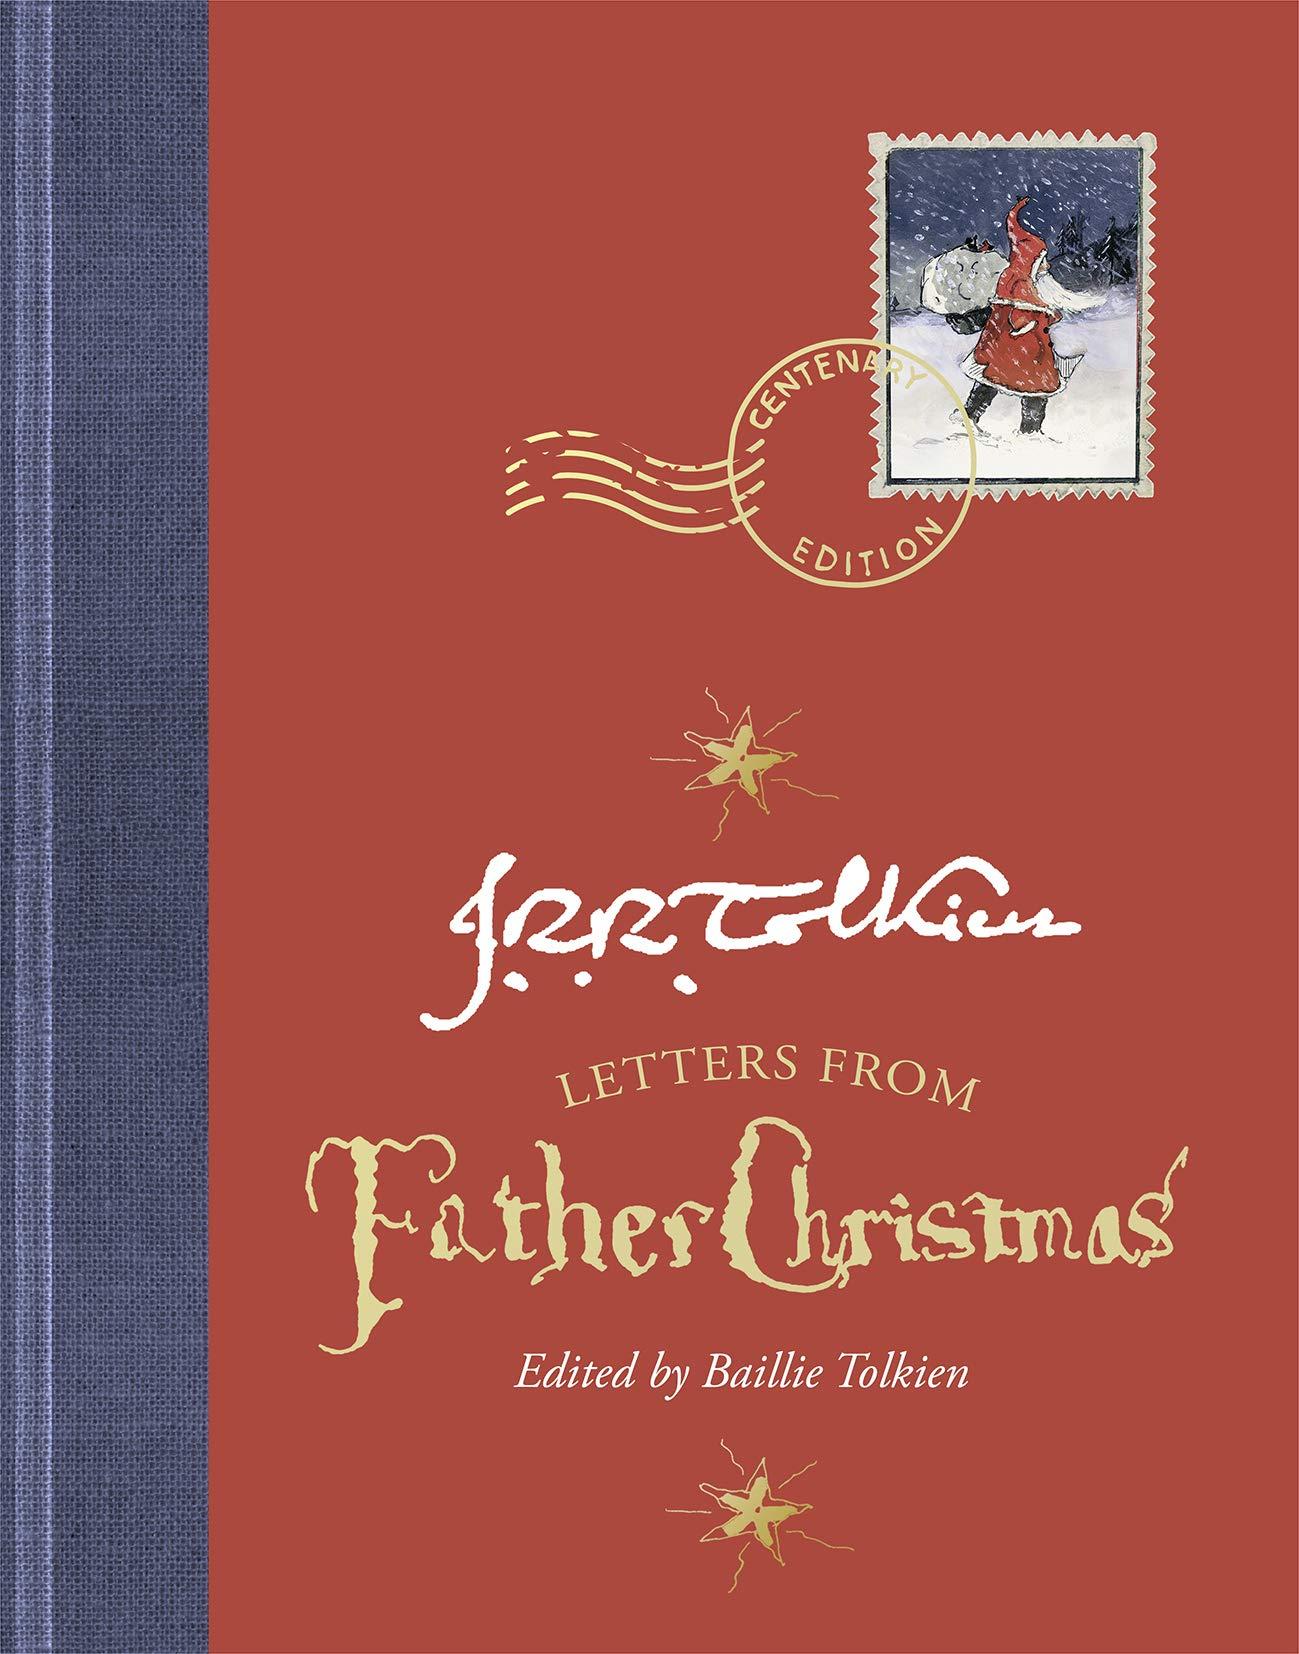 mejores libros de navidad